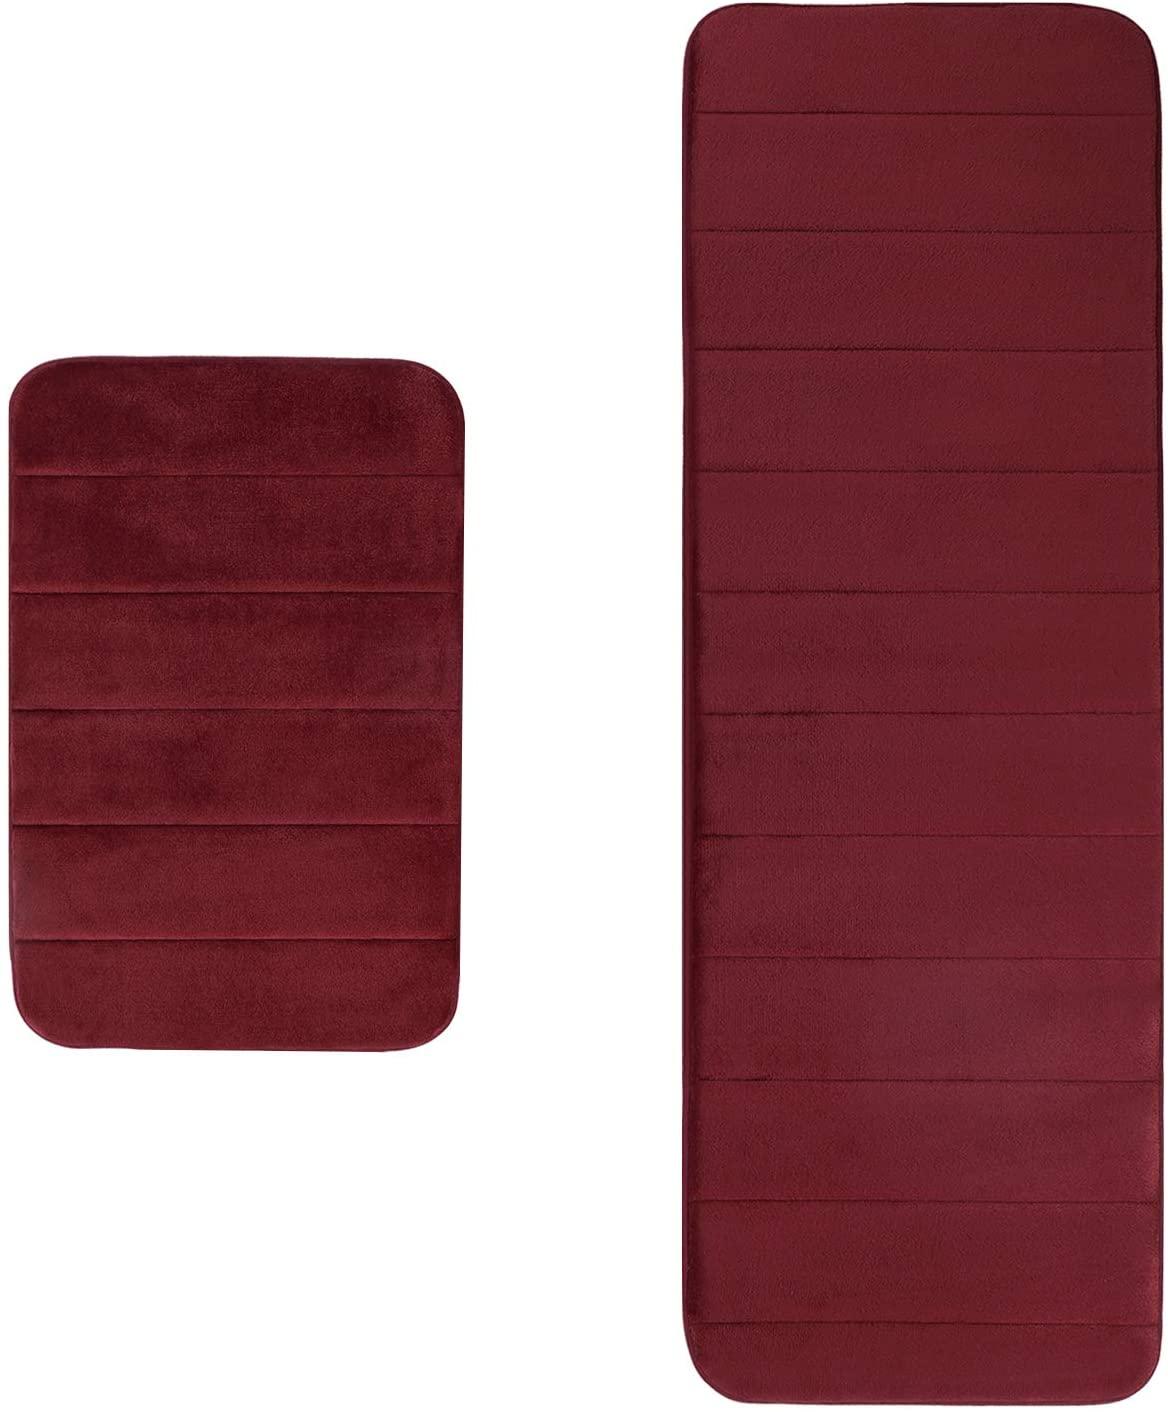 AOACreations Non Slip Soft Memory Foam Bathroom Runner Rug Mat Striped for Bath Kitchen (2PC Runner Set, Burgundy)